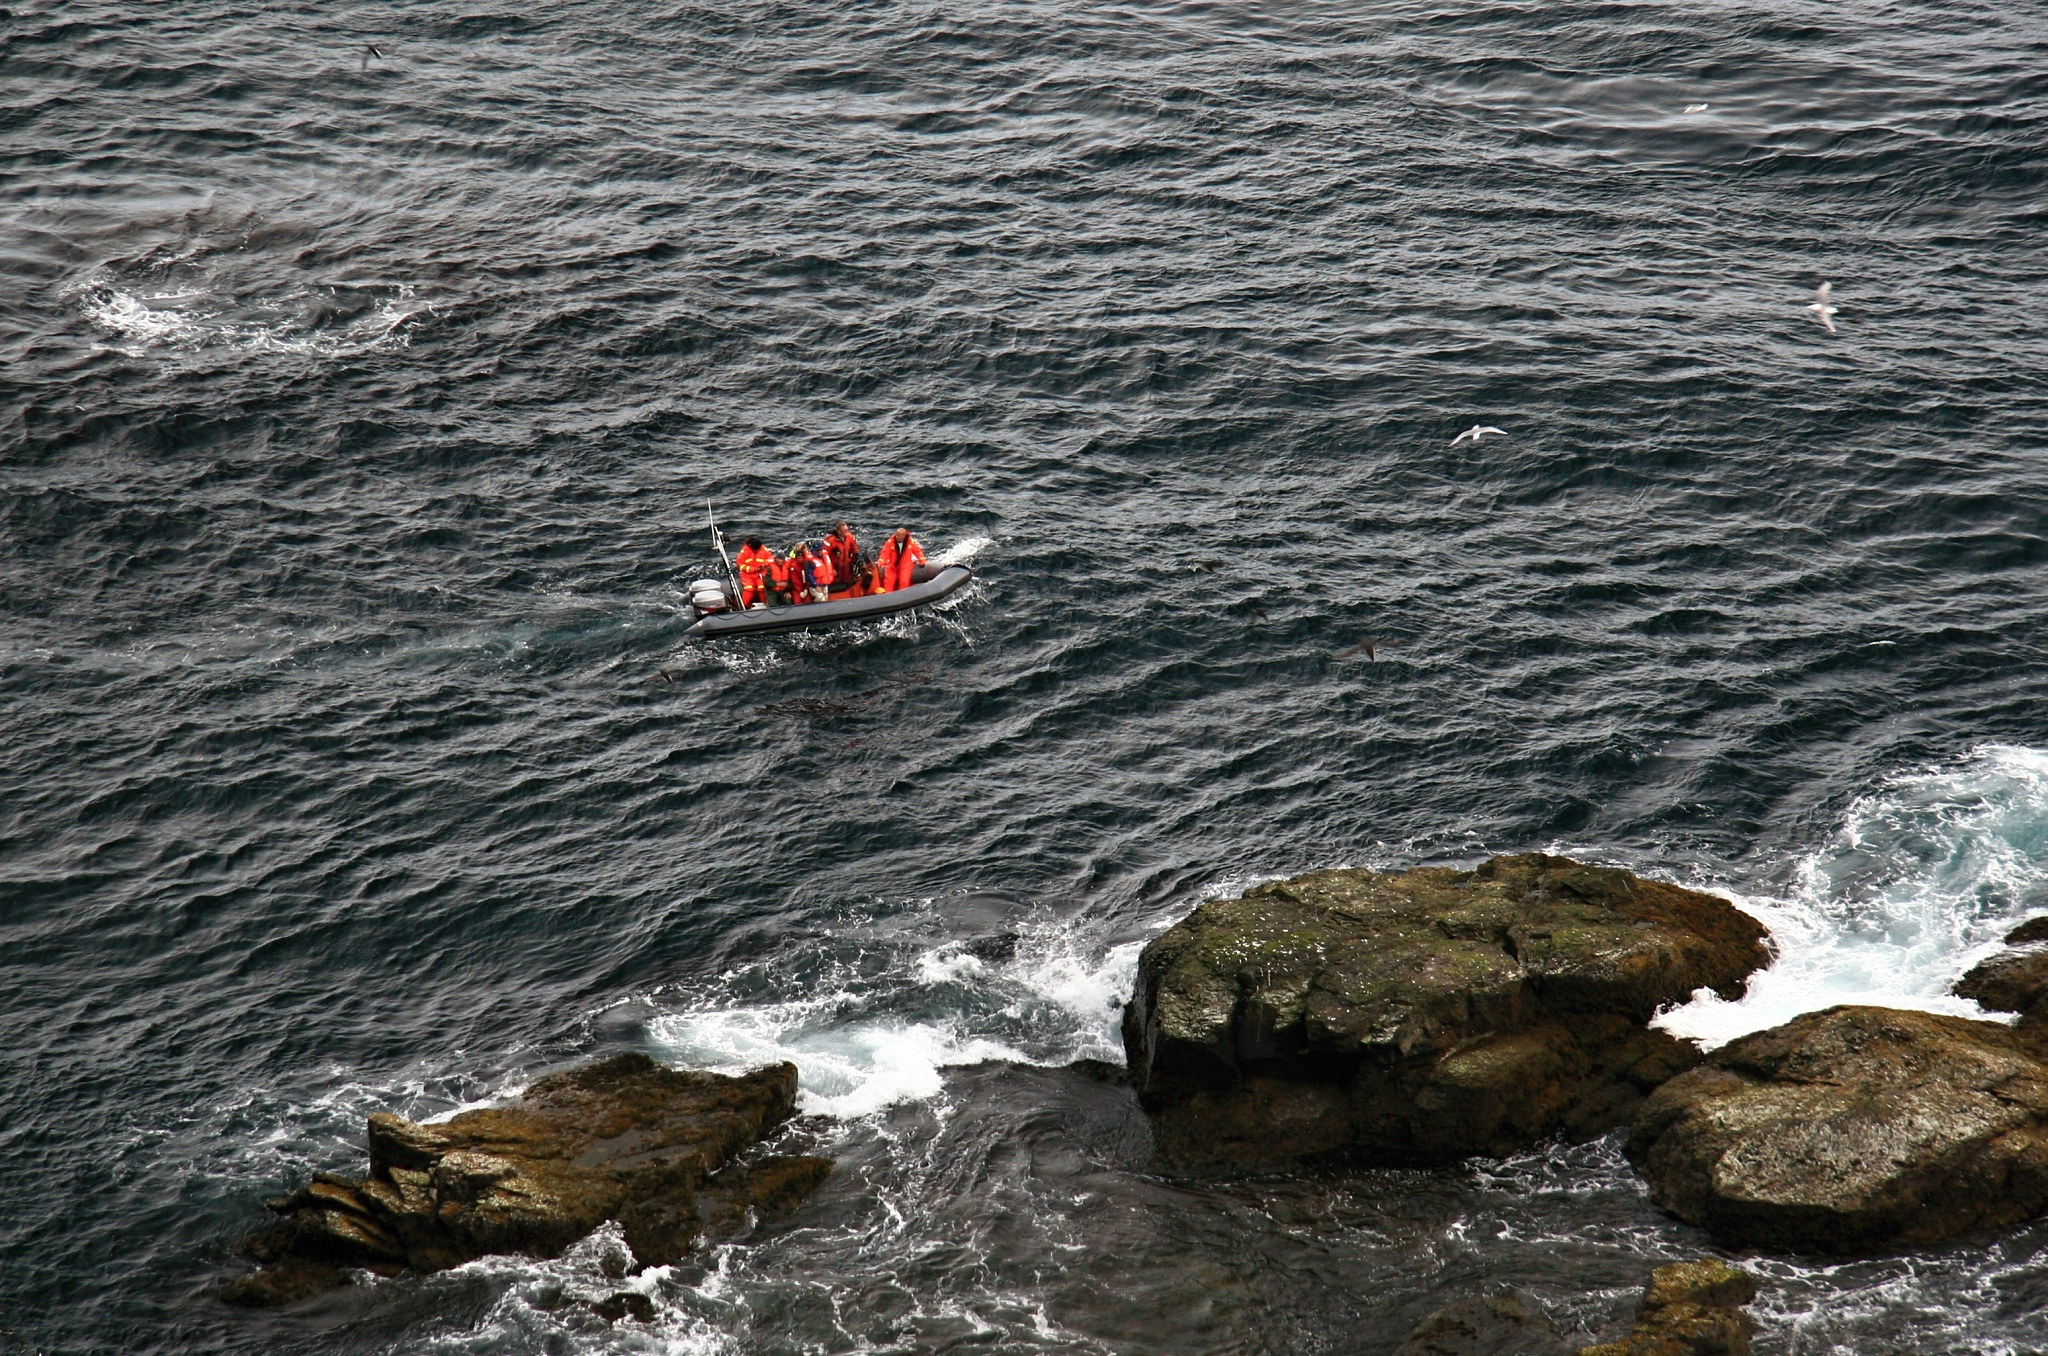 Výletníci na člunu